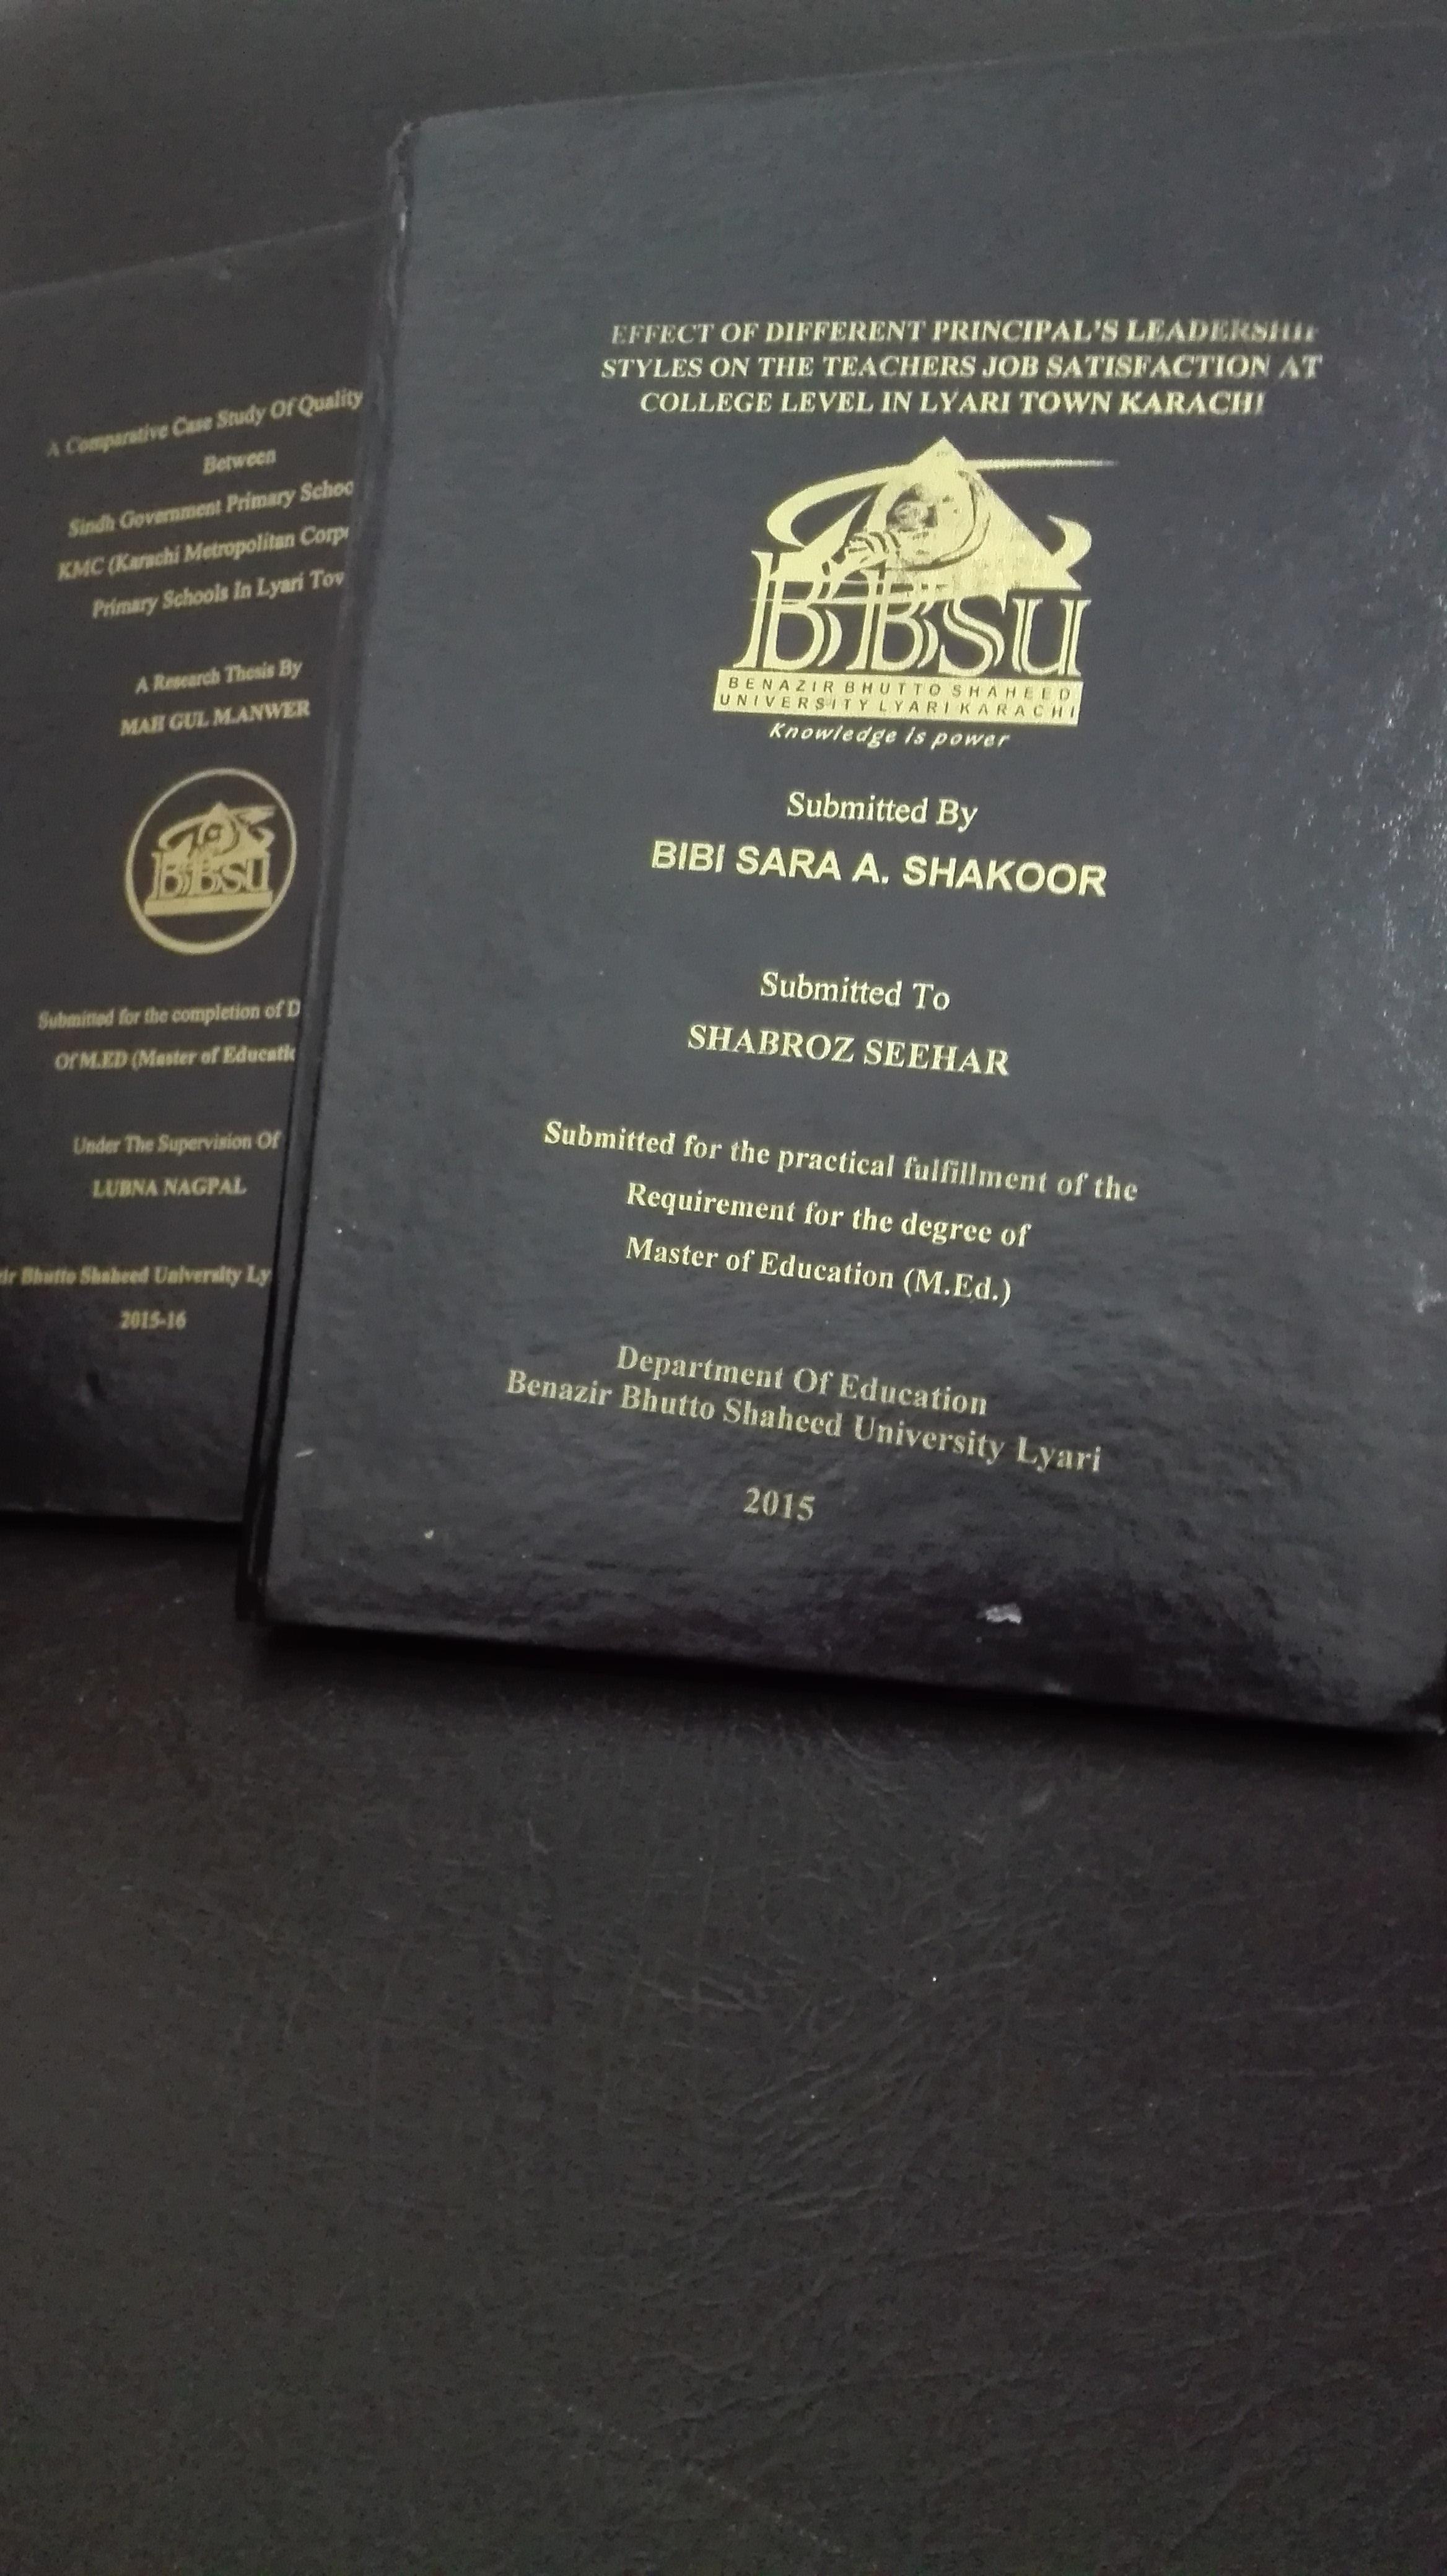 Benazir Bhutto Shaheed University